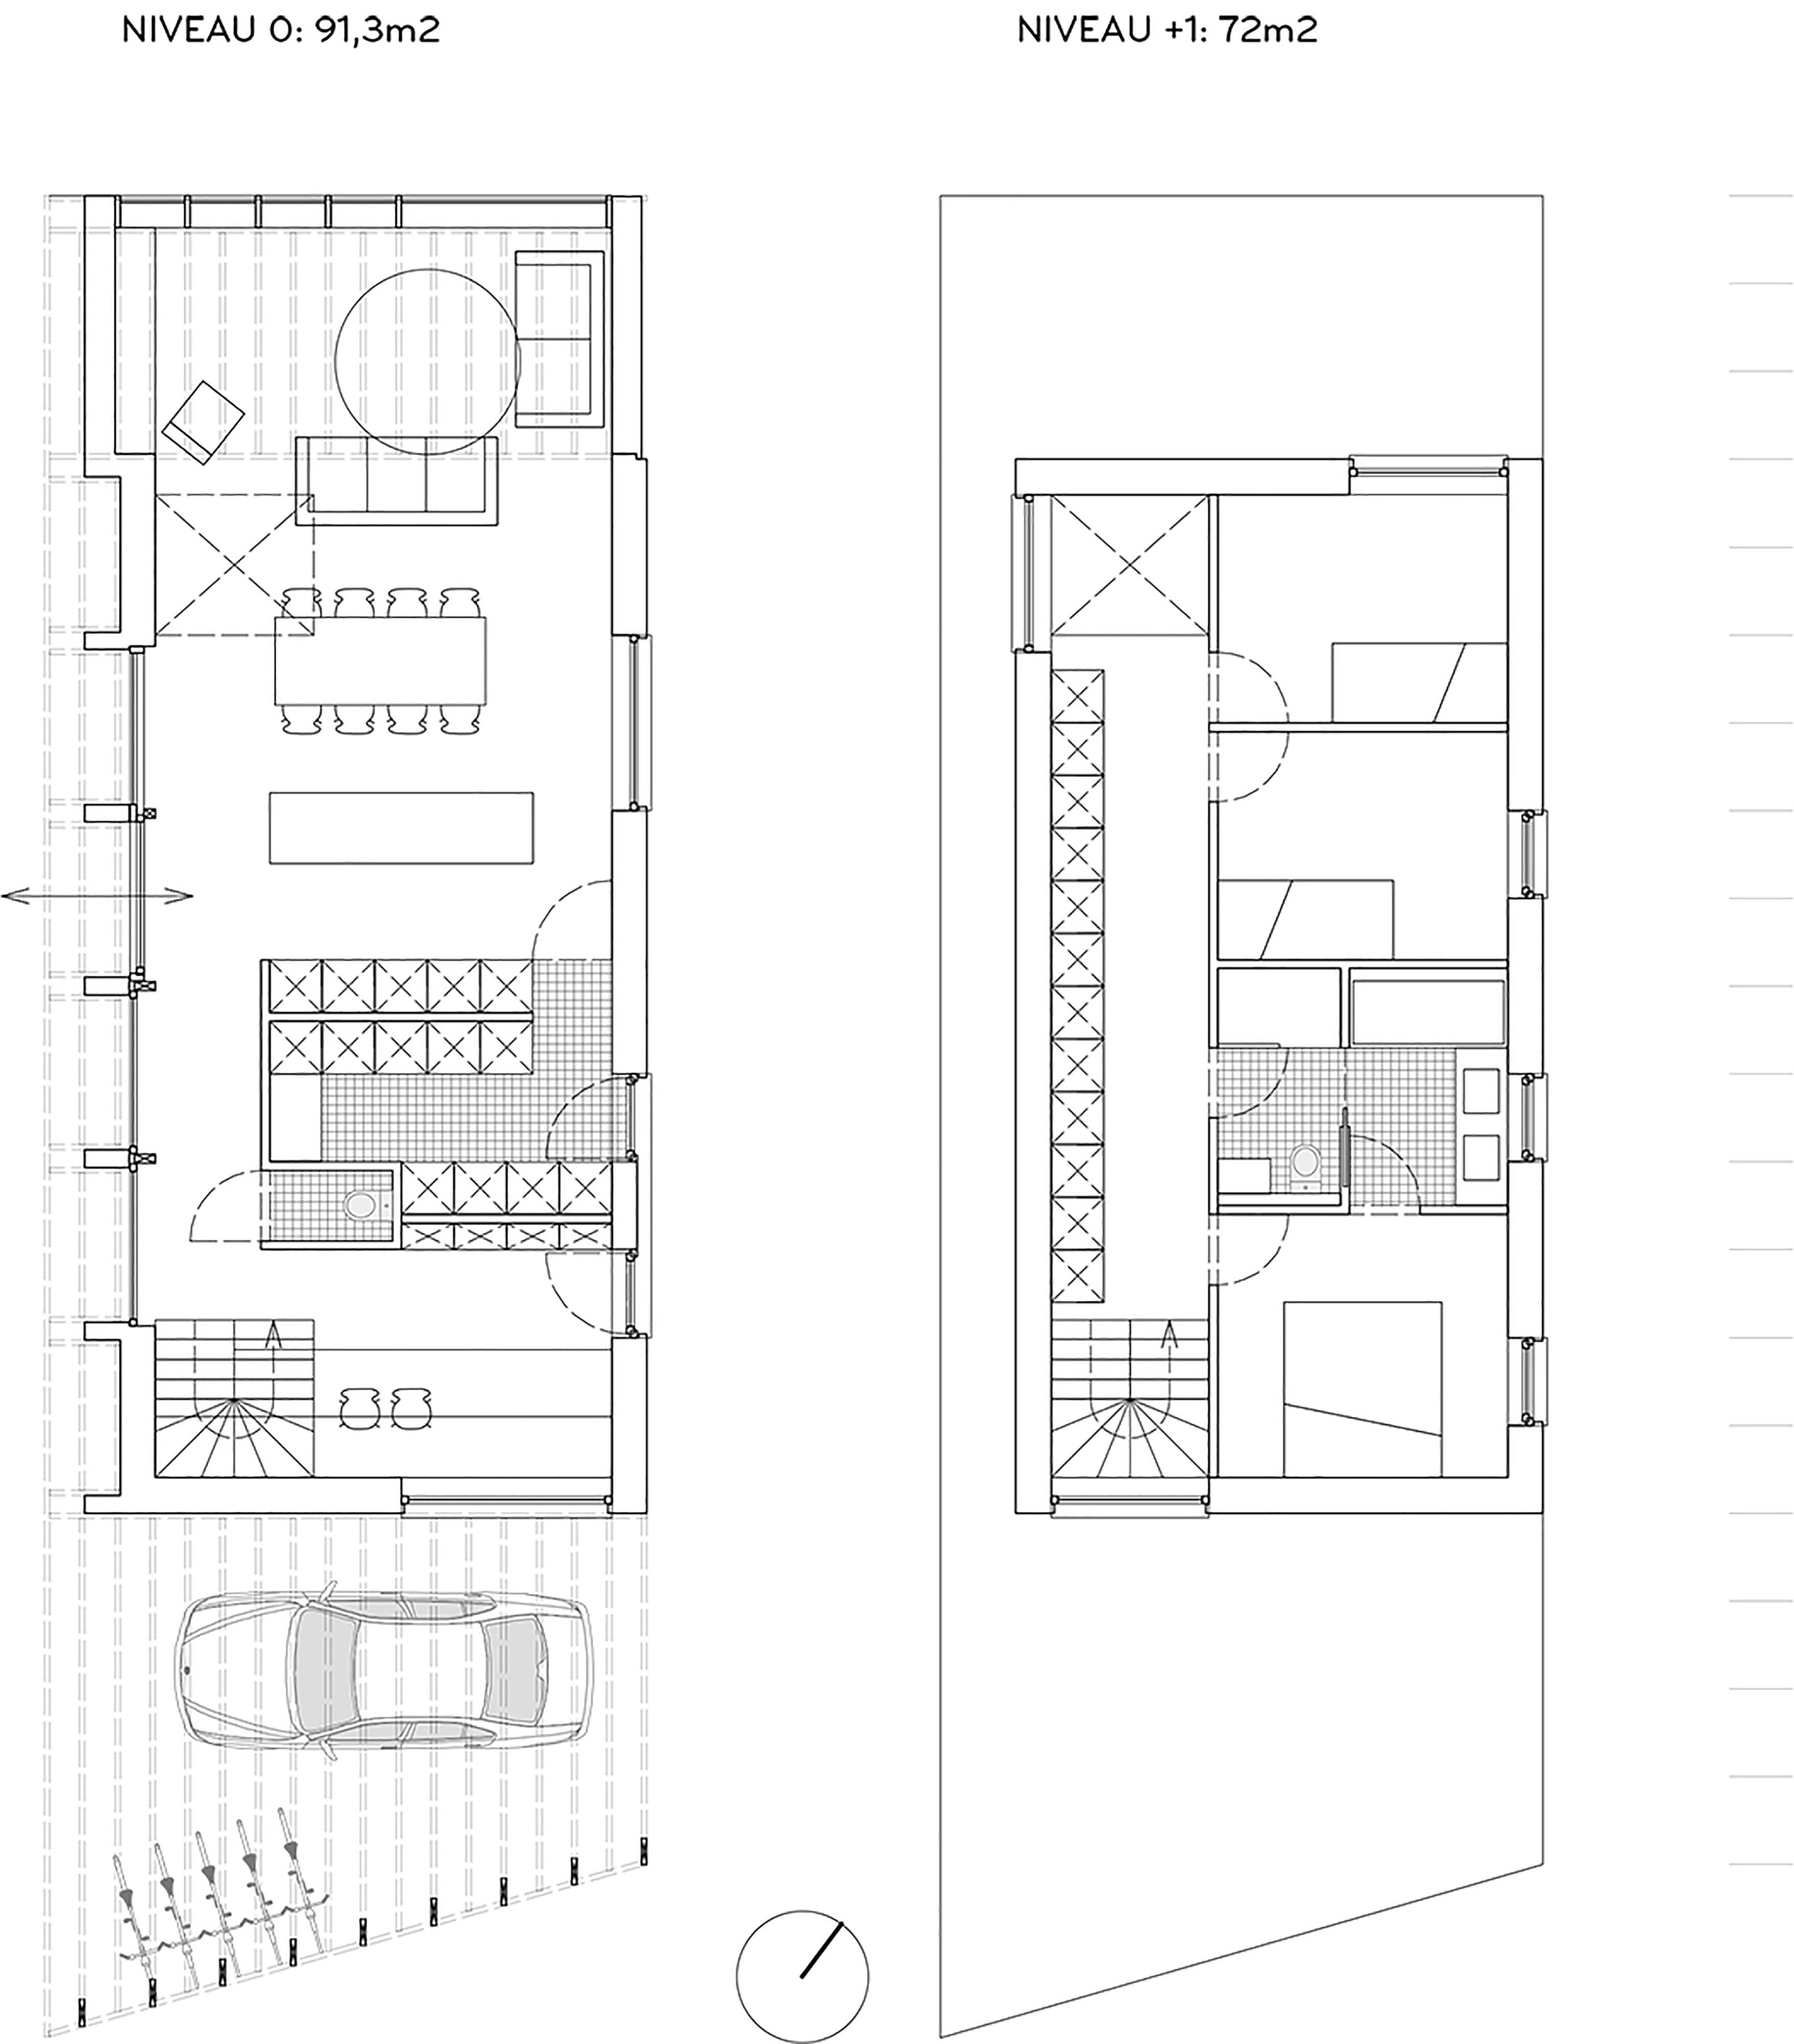 grondplan + verdiepingsplan